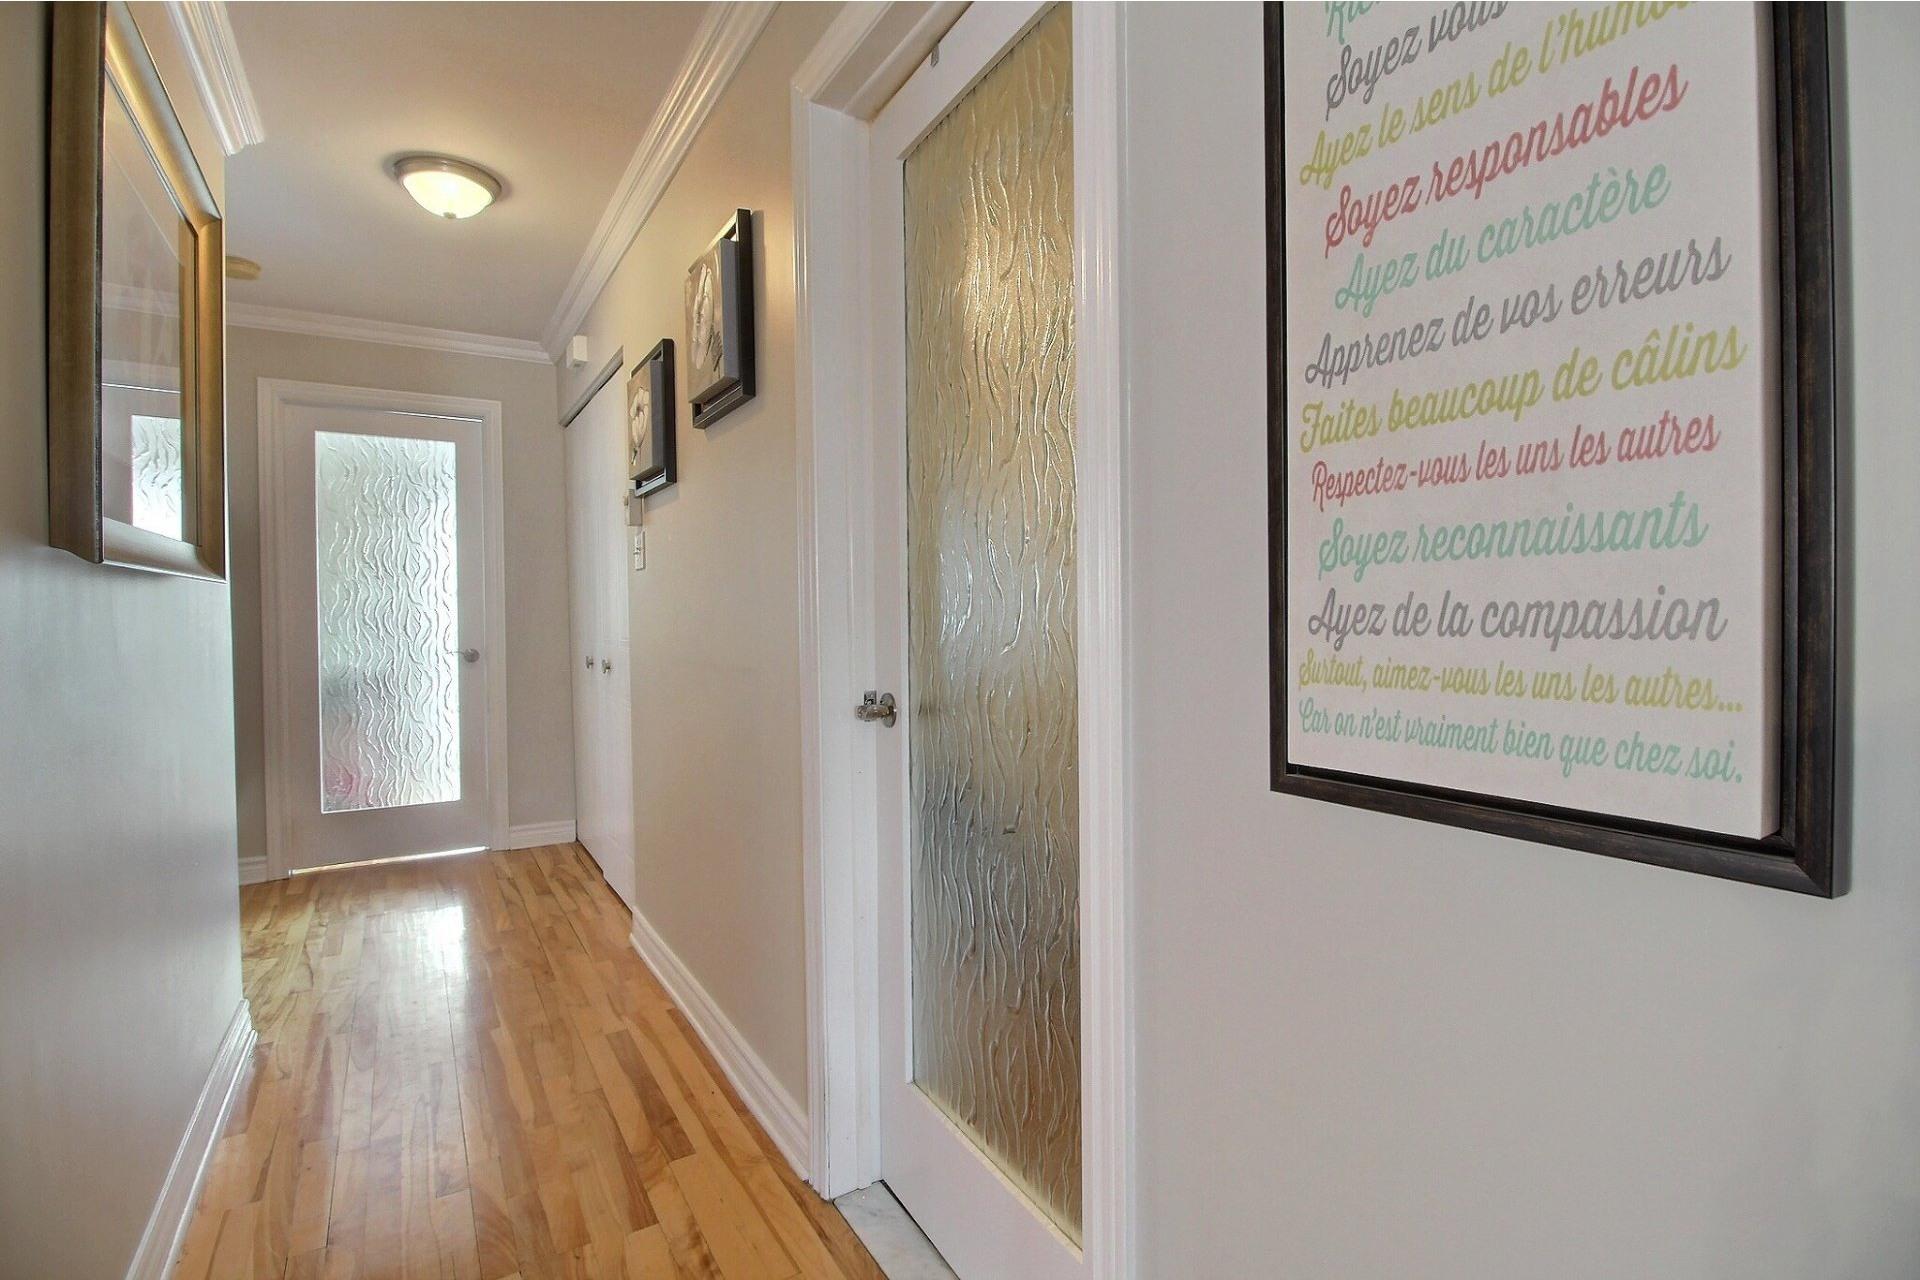 image 9 - Appartement À vendre Rivière-des-Prairies/Pointe-aux-Trembles Montréal  - 7 pièces